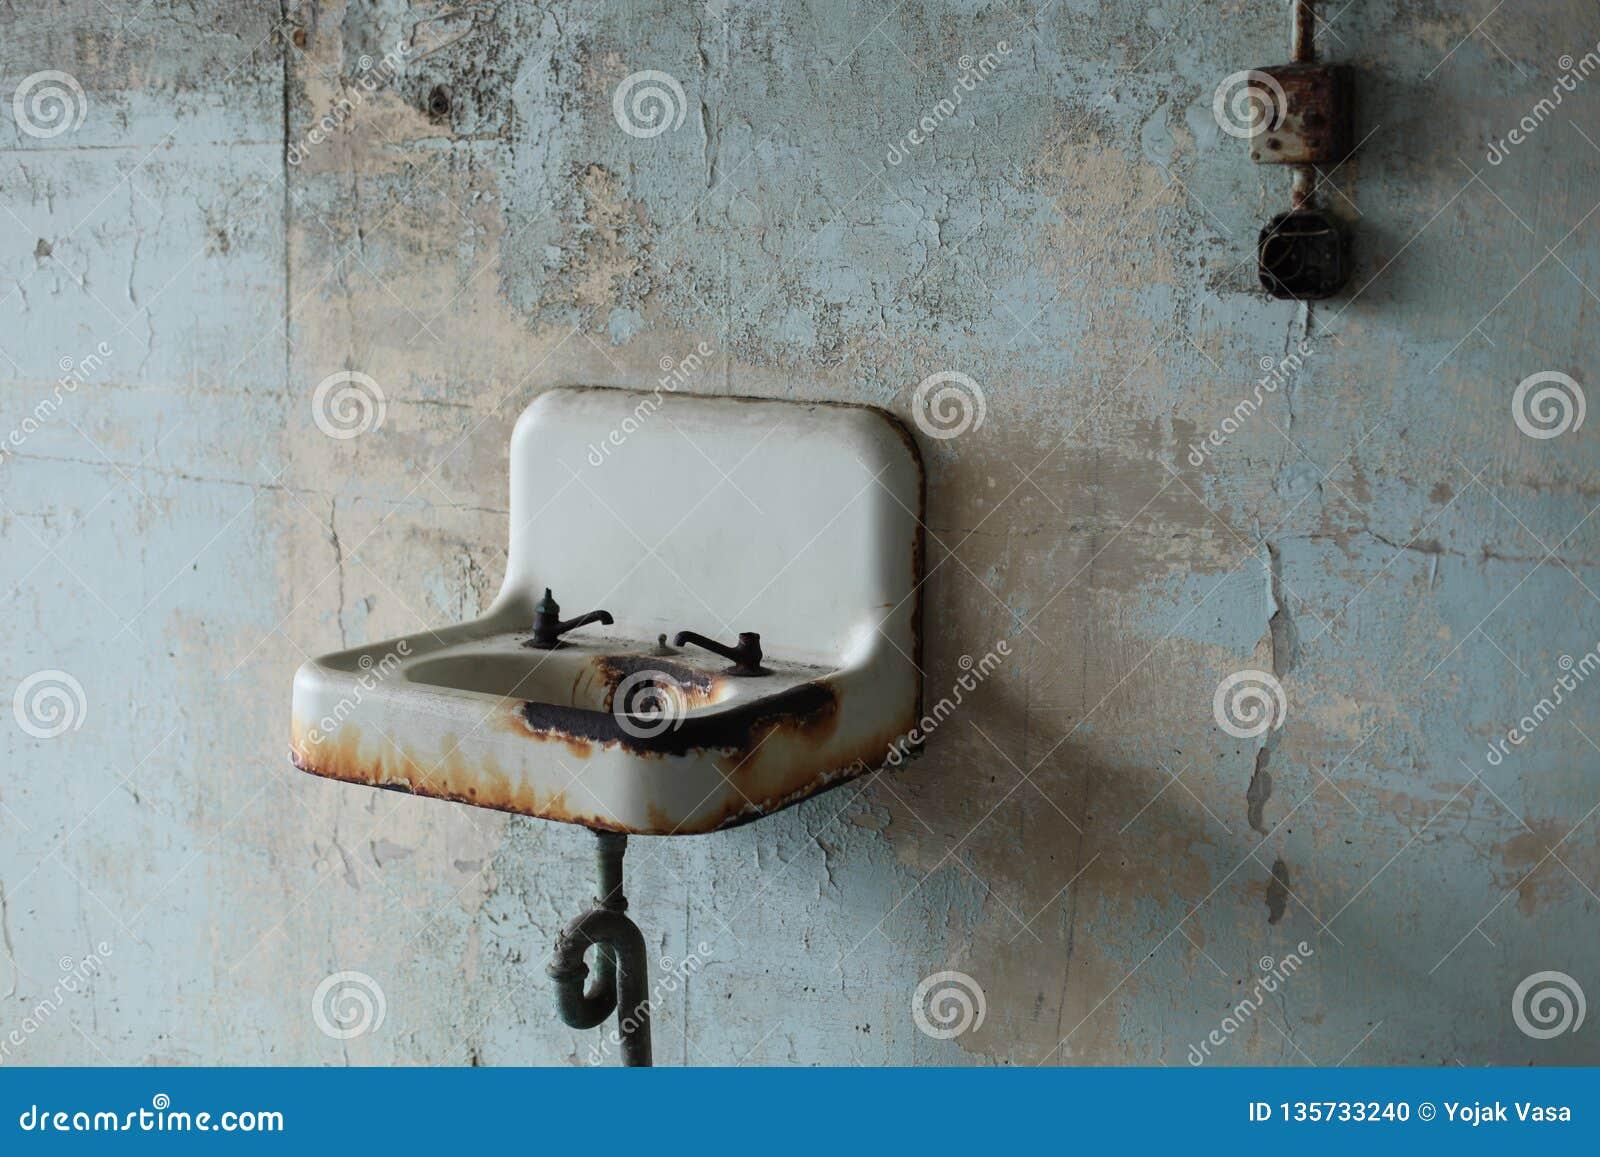 Dissipador oxidado velho com dispositivos elétricos quebrados